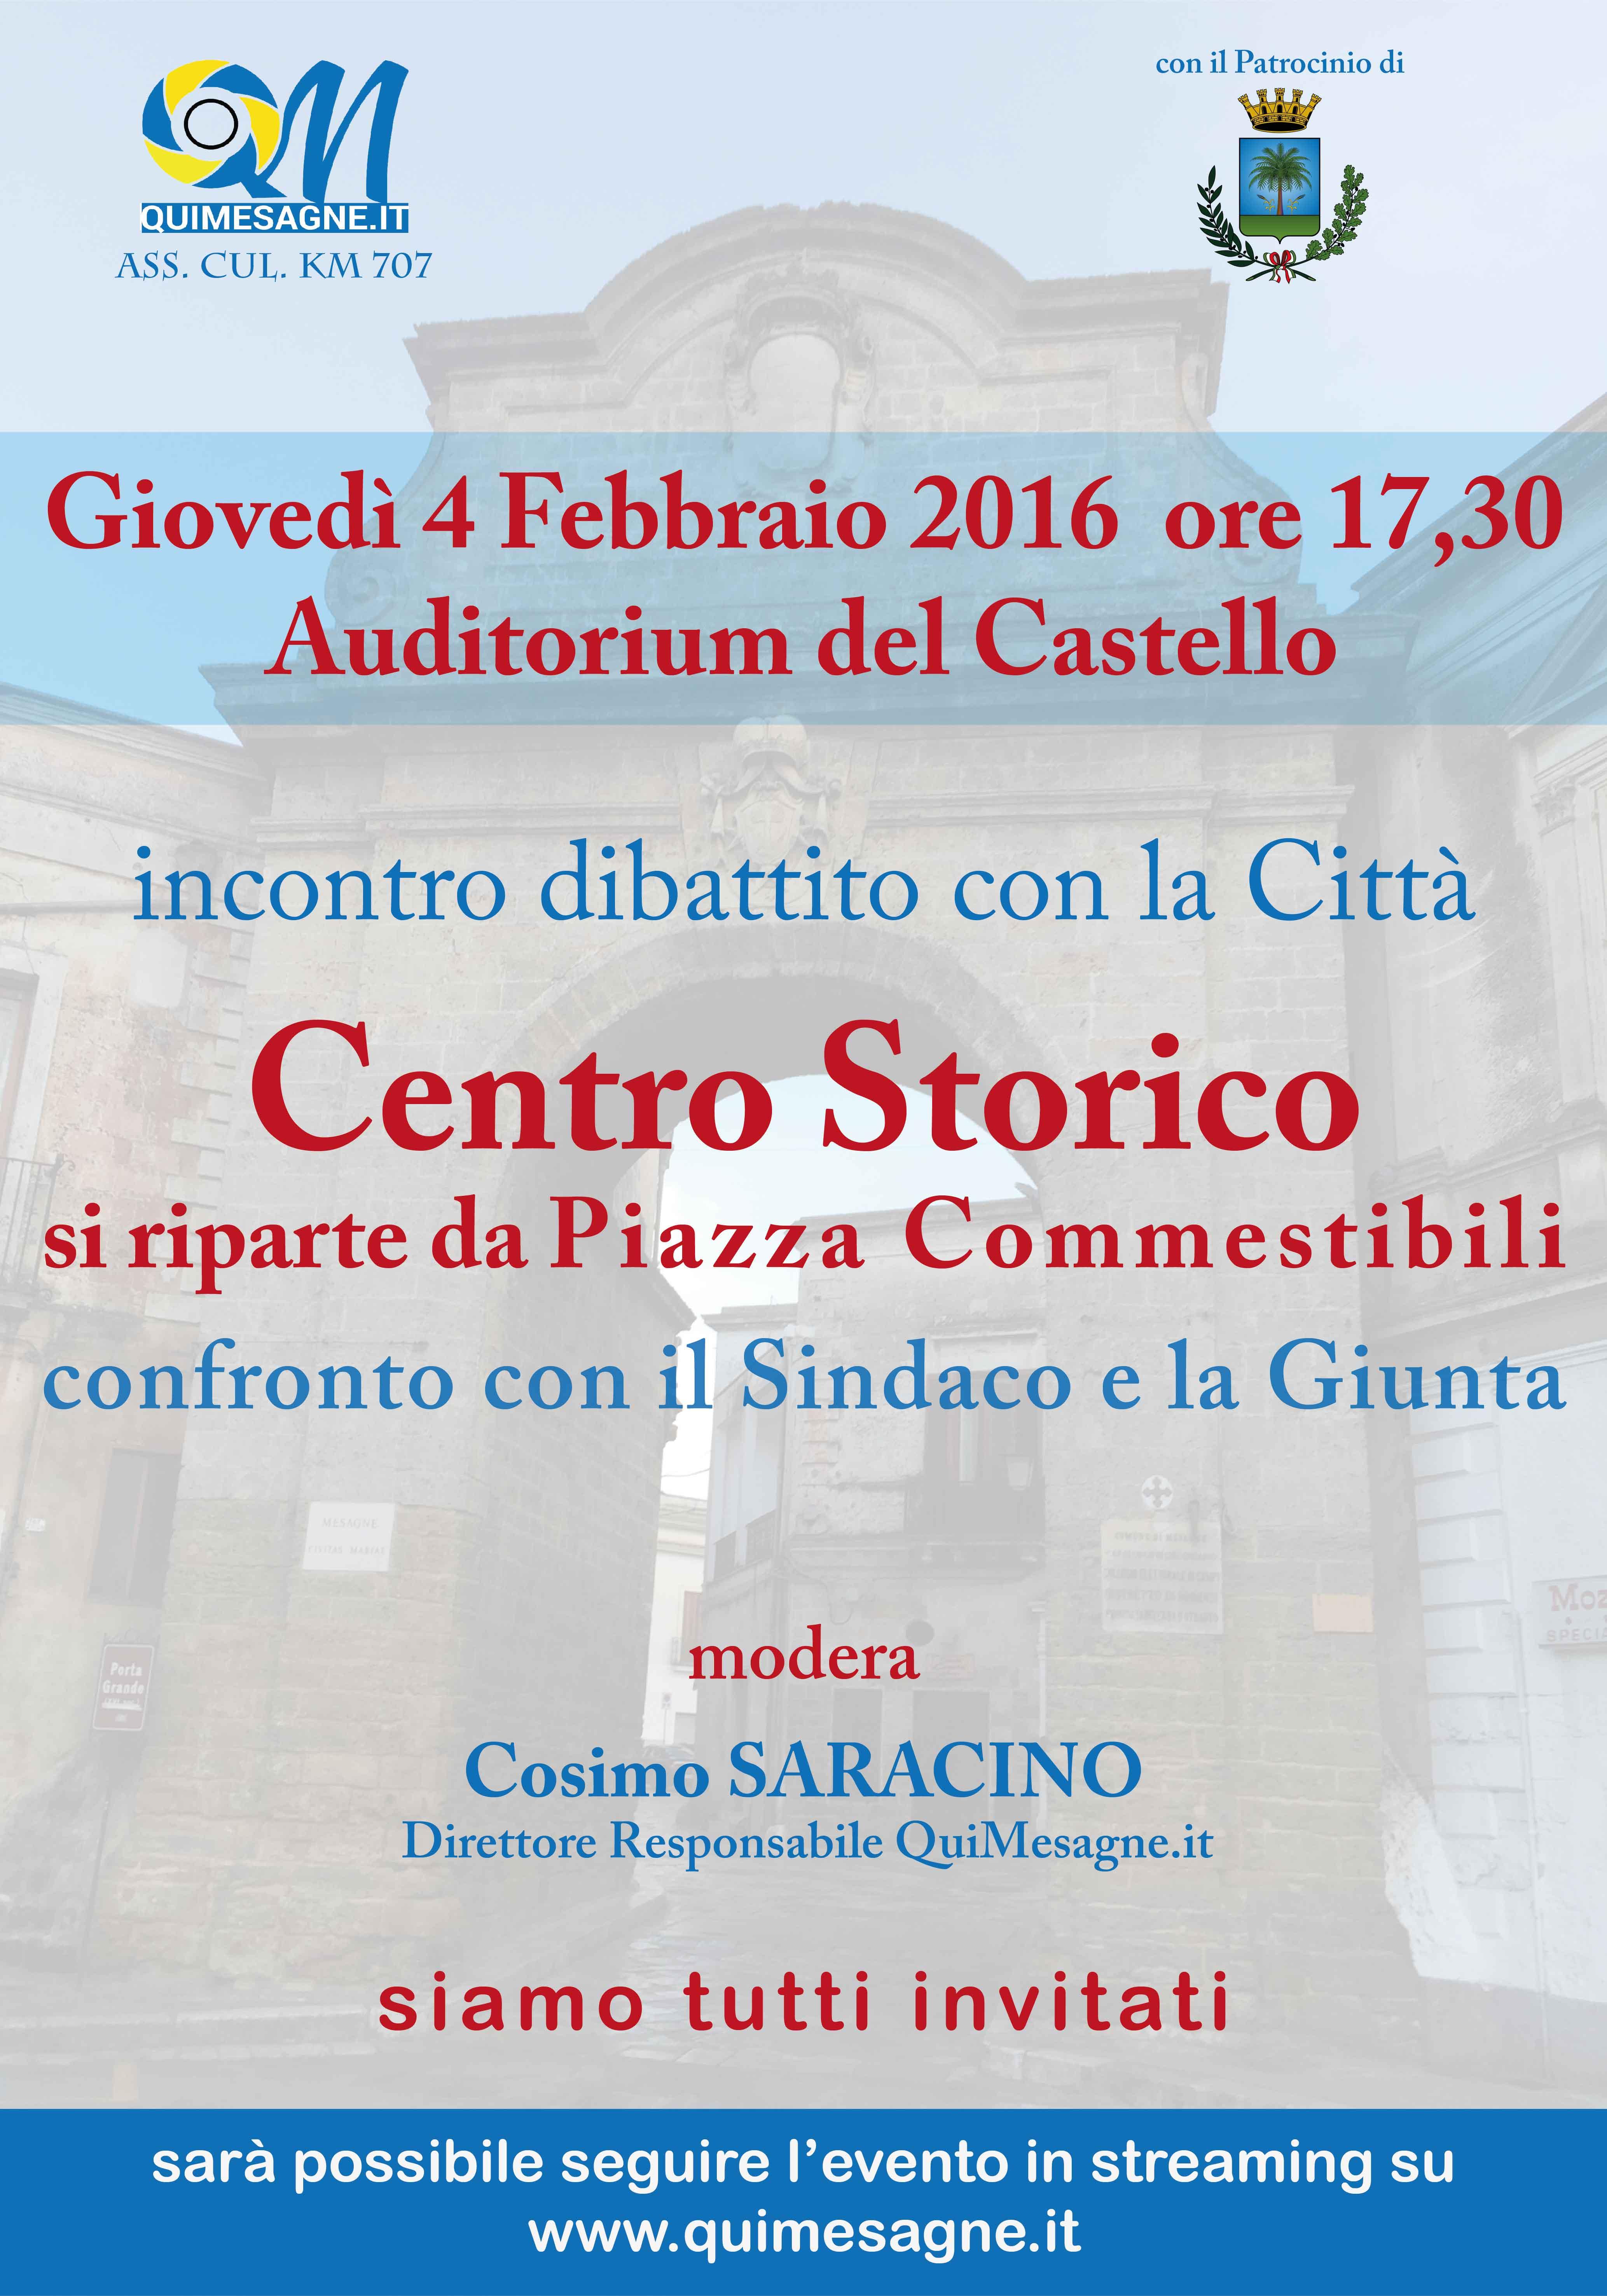 Domani 4 febbraio confronto con il Sindaco sul Centro Storico